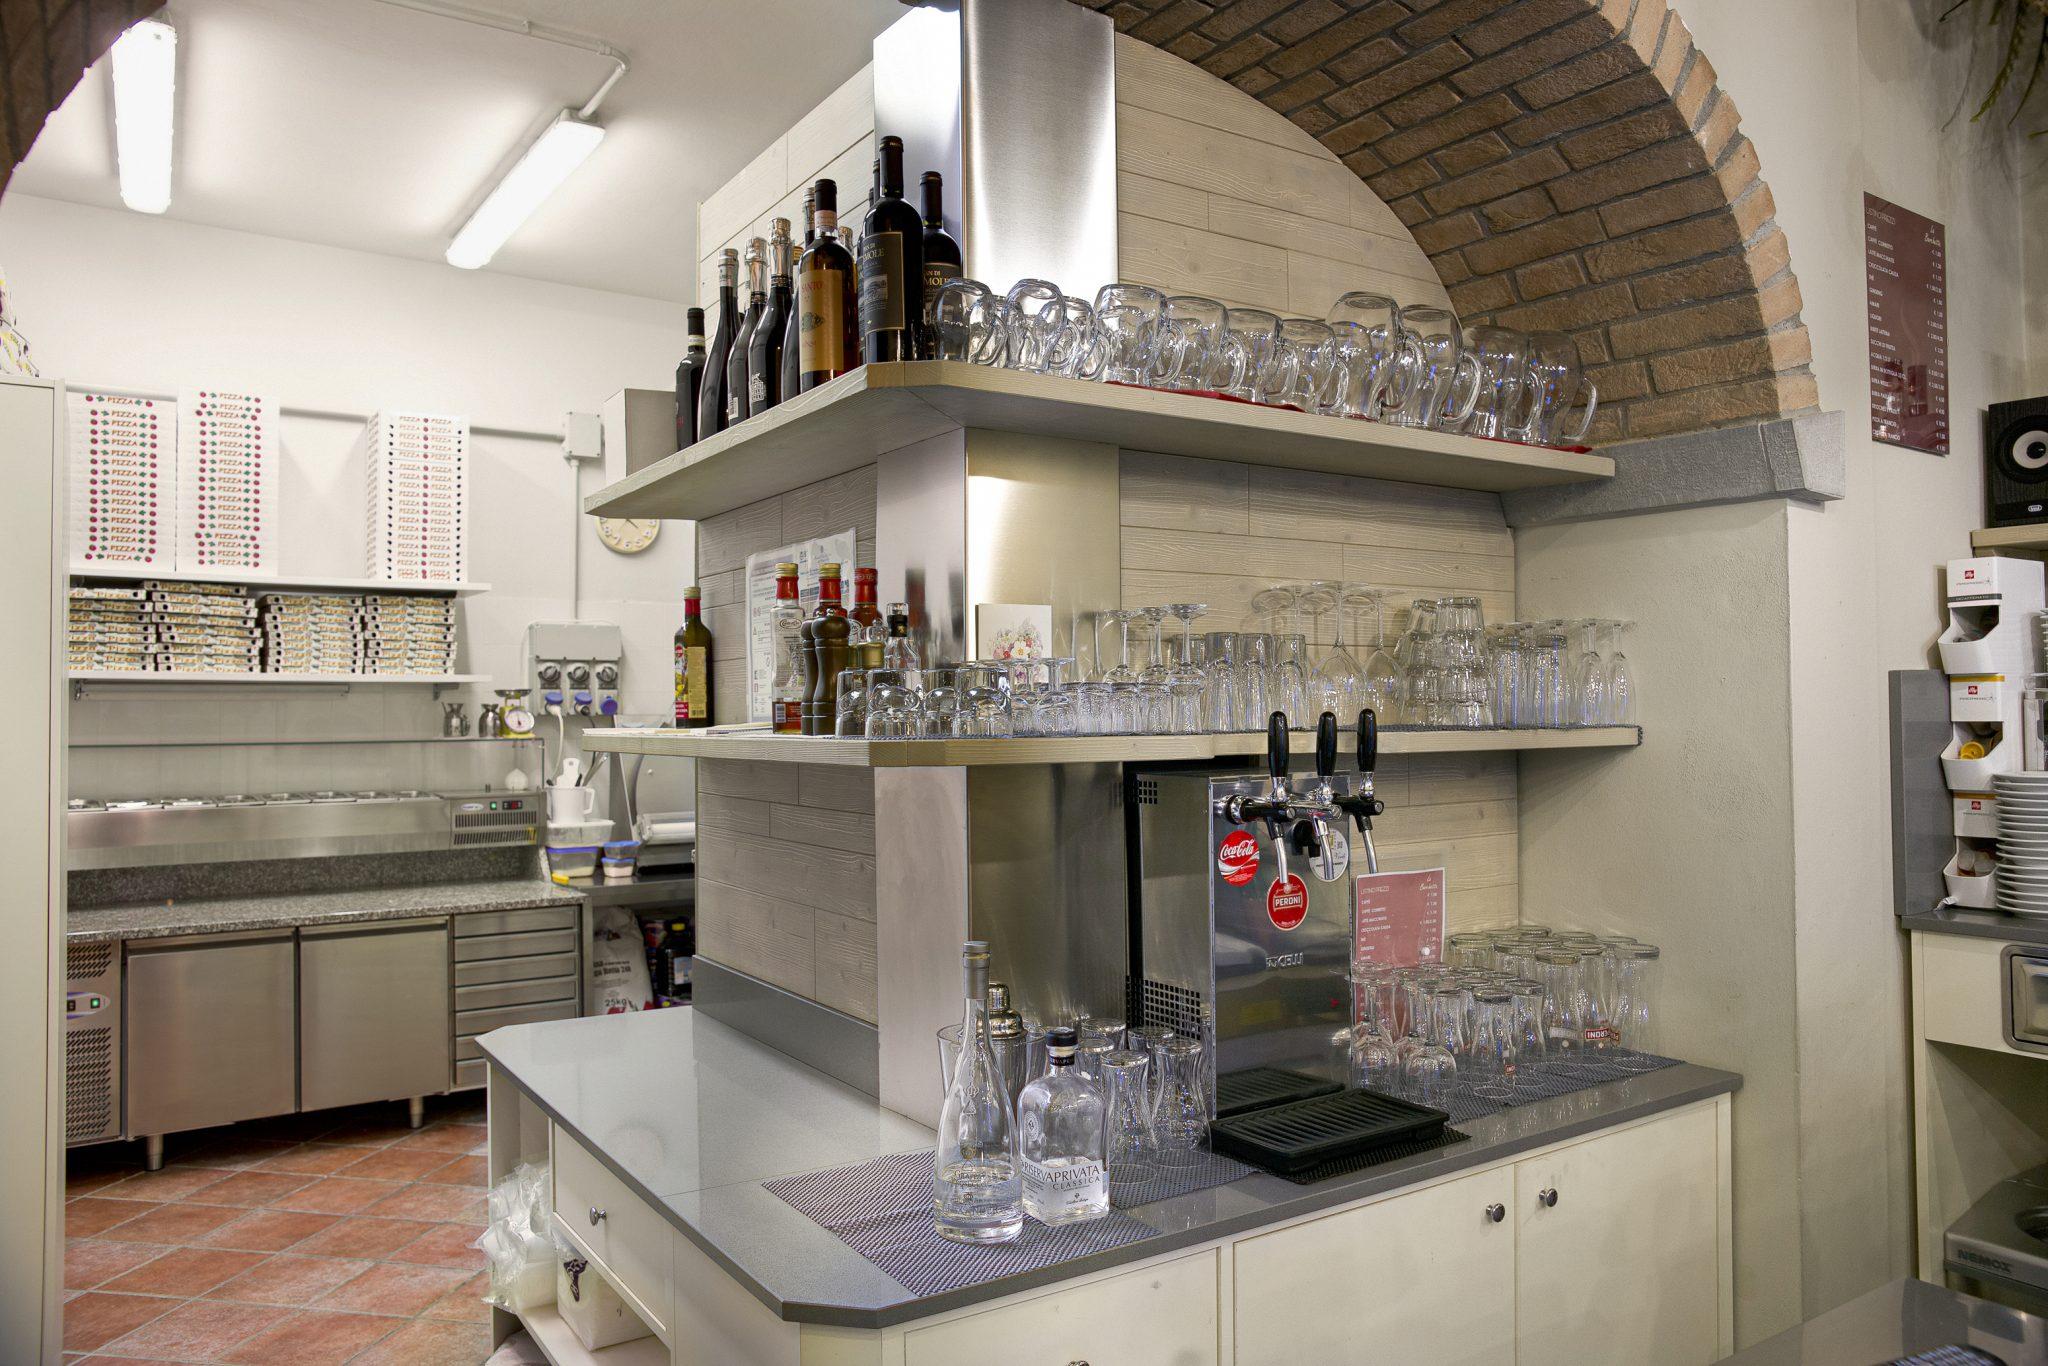 Pizzeria La Barchetta – Castelnuovo di Garfagnana (LU)